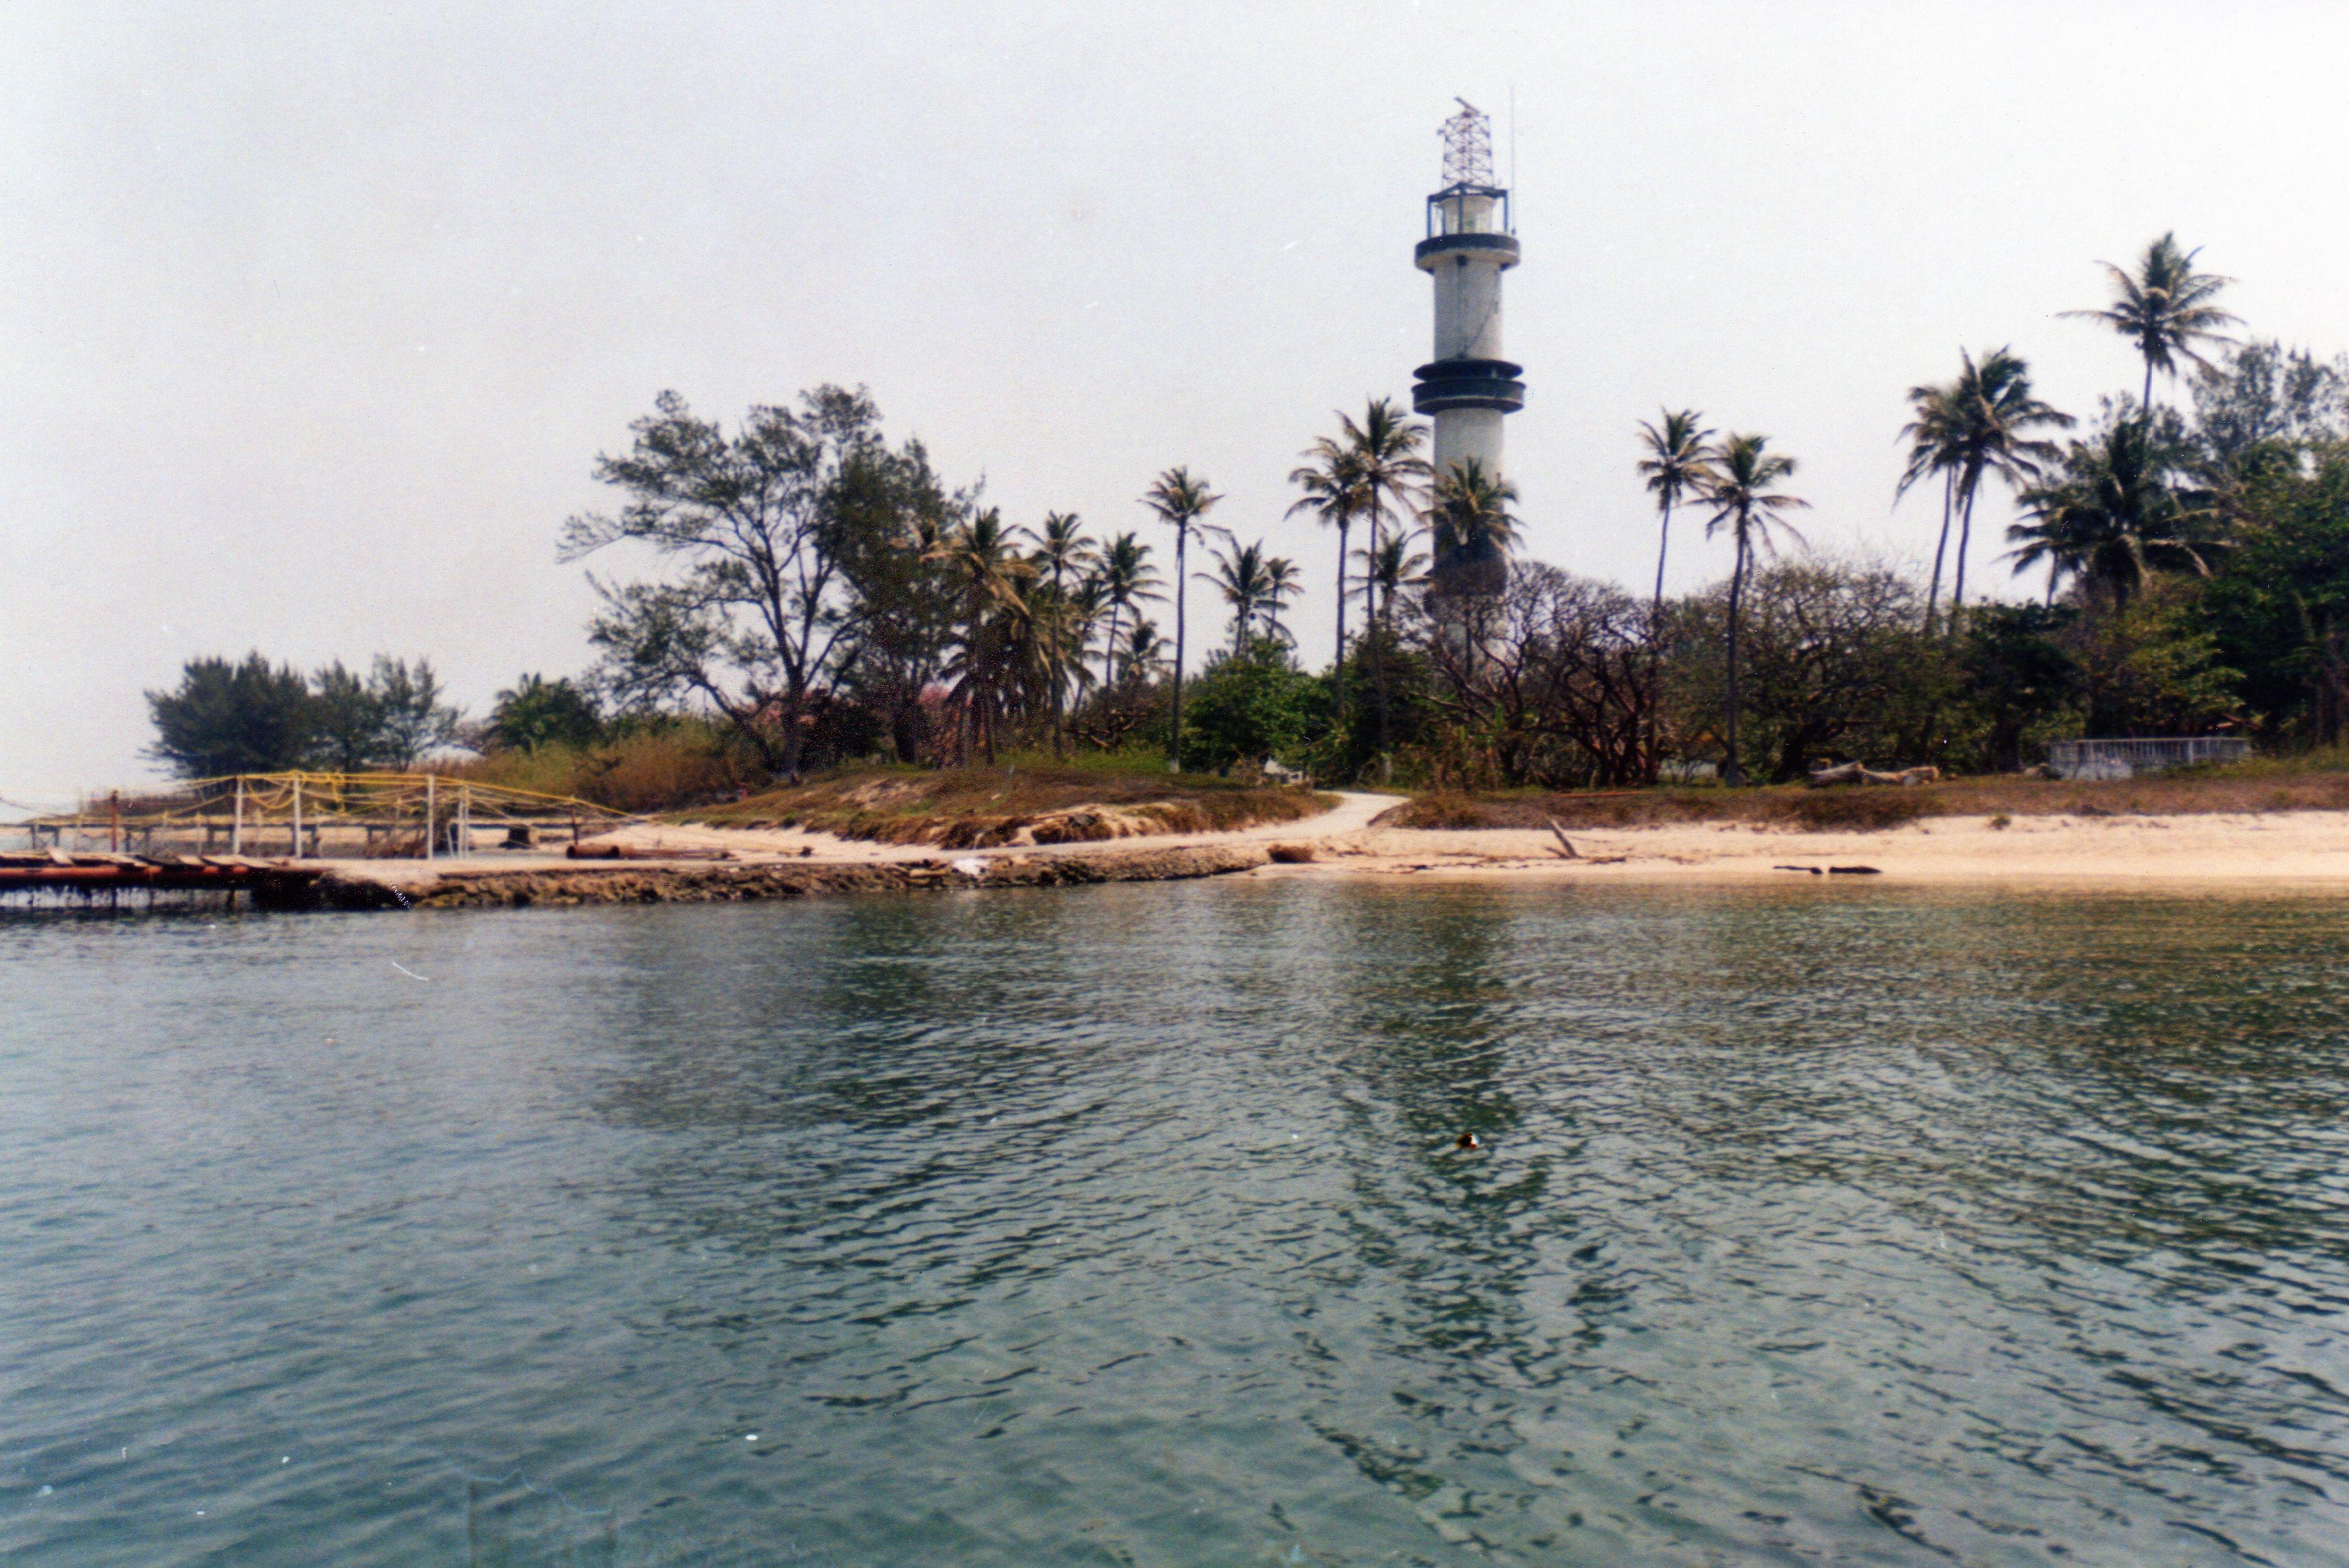 vista del faro de la isla